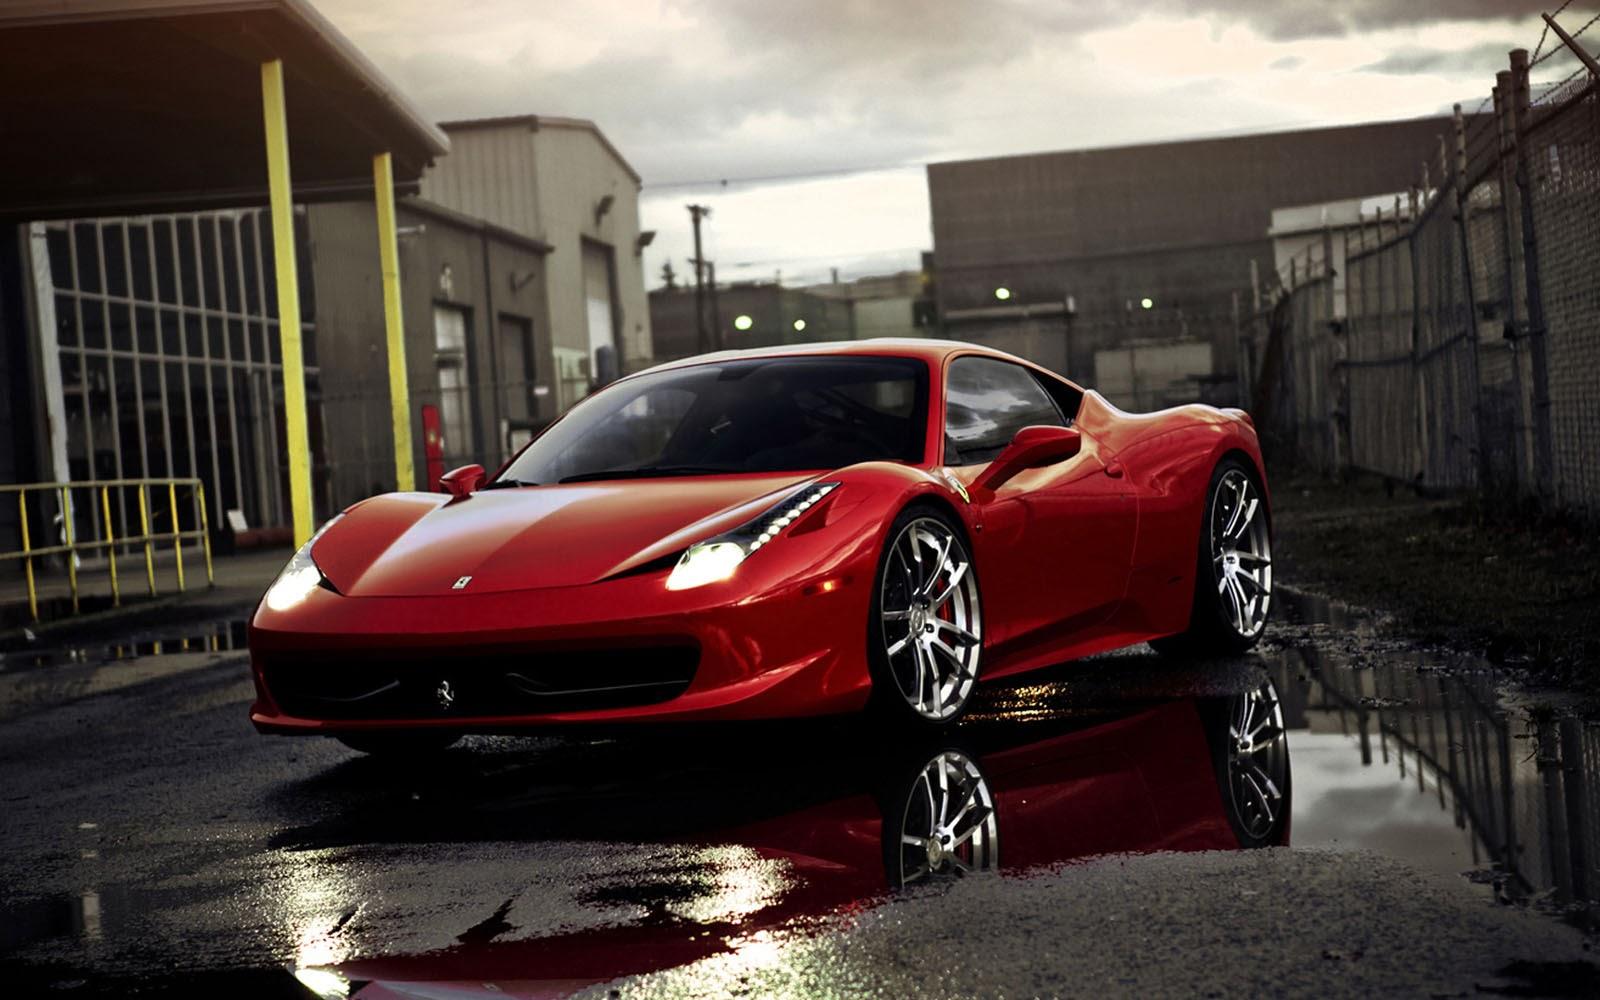 wallpapers: Ferrari 458 Italia Car Wallpapers